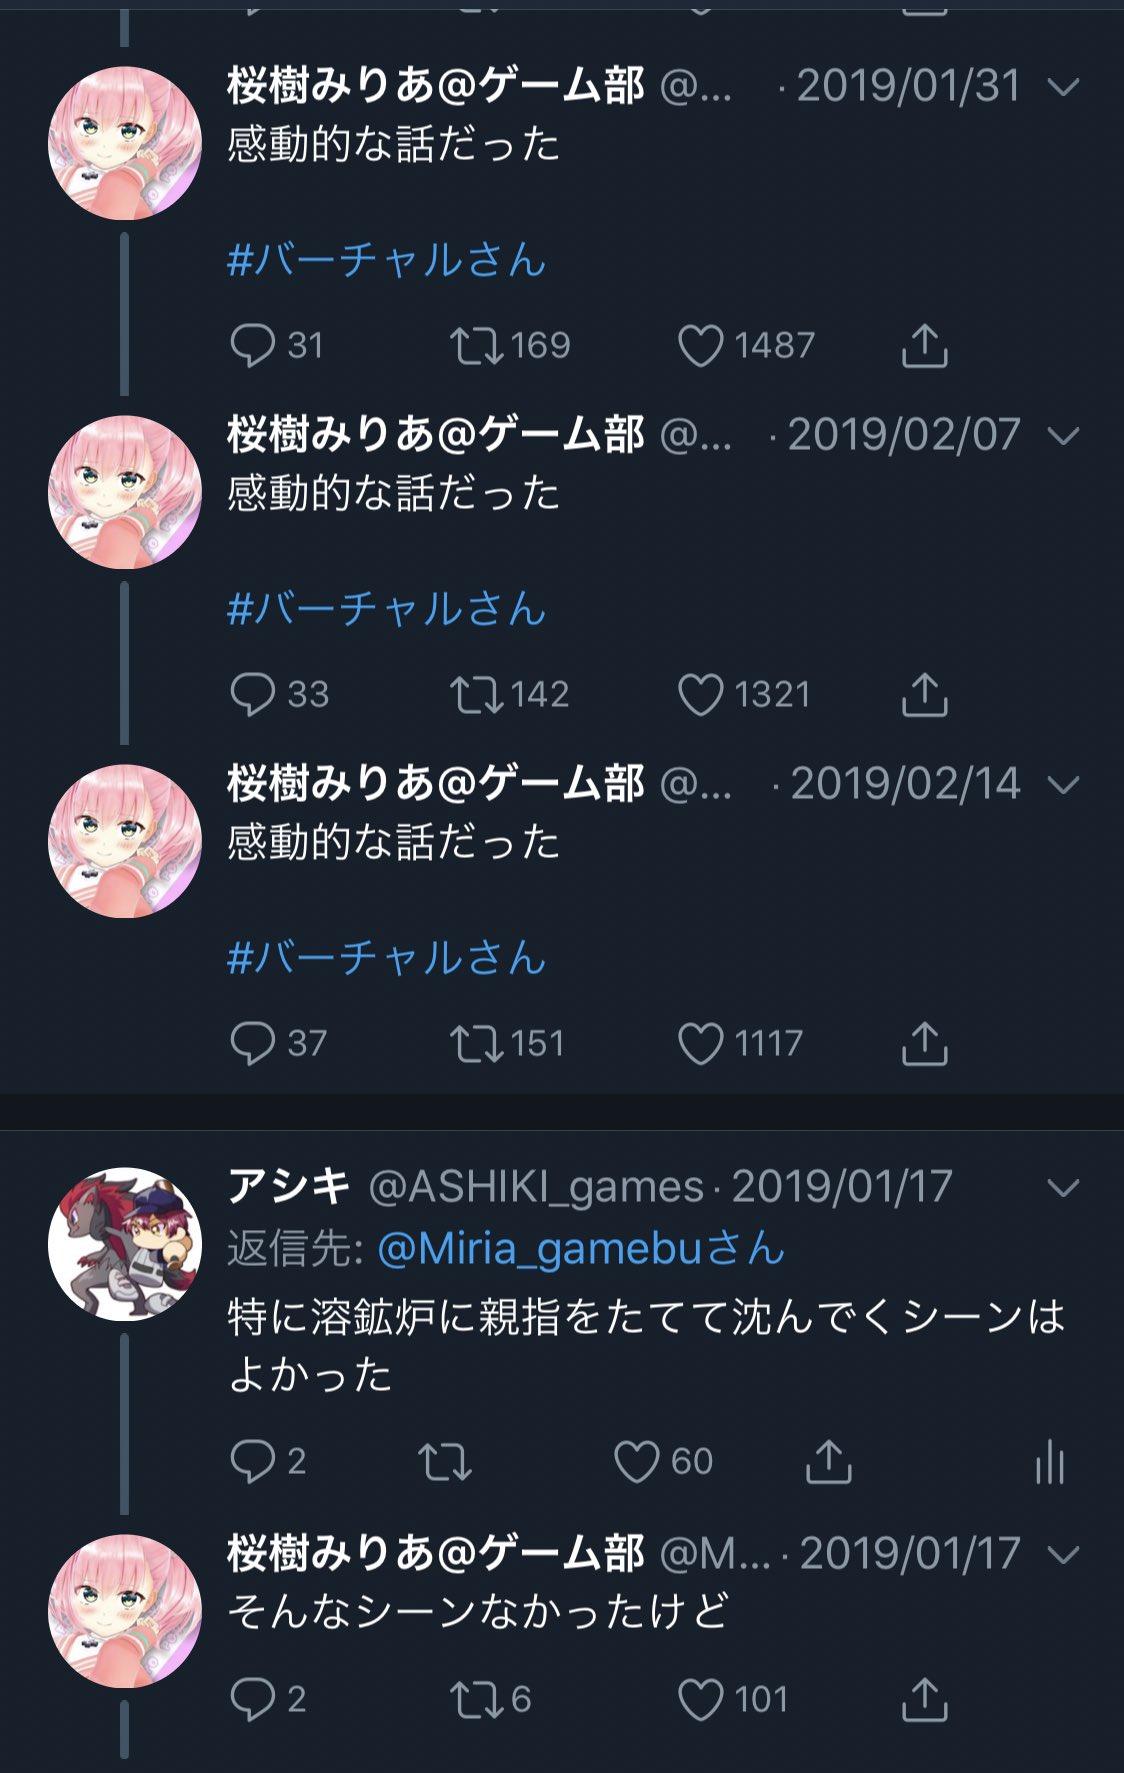 ゲーム 部 アシキ